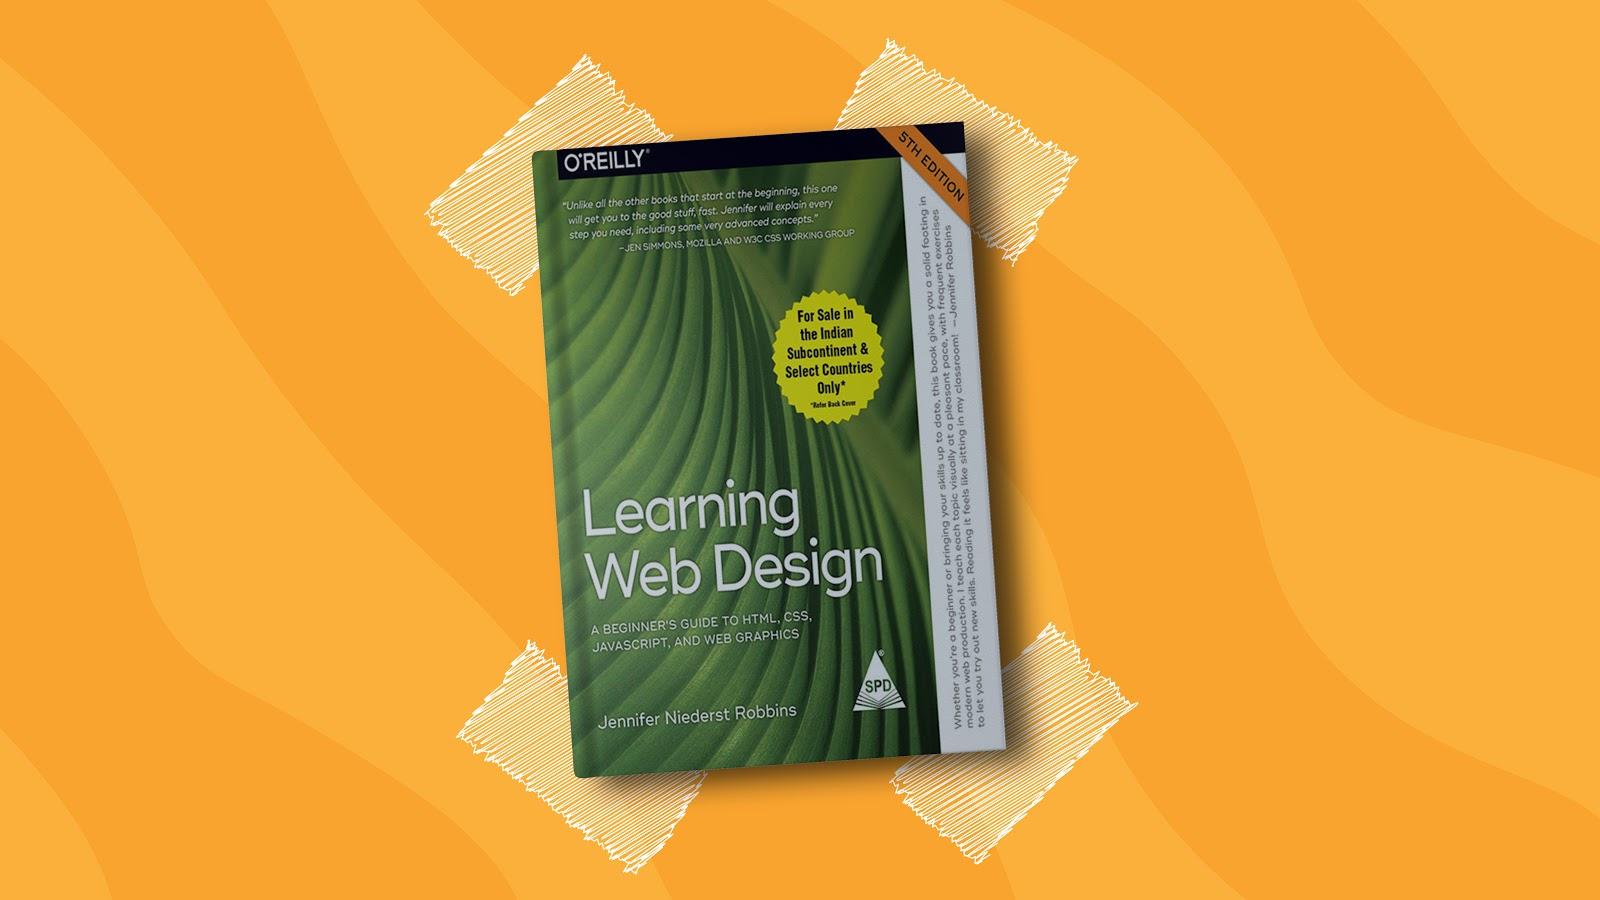 Learning Web Design: A Beginner's Guide by Jennifer Nierderst Robbins